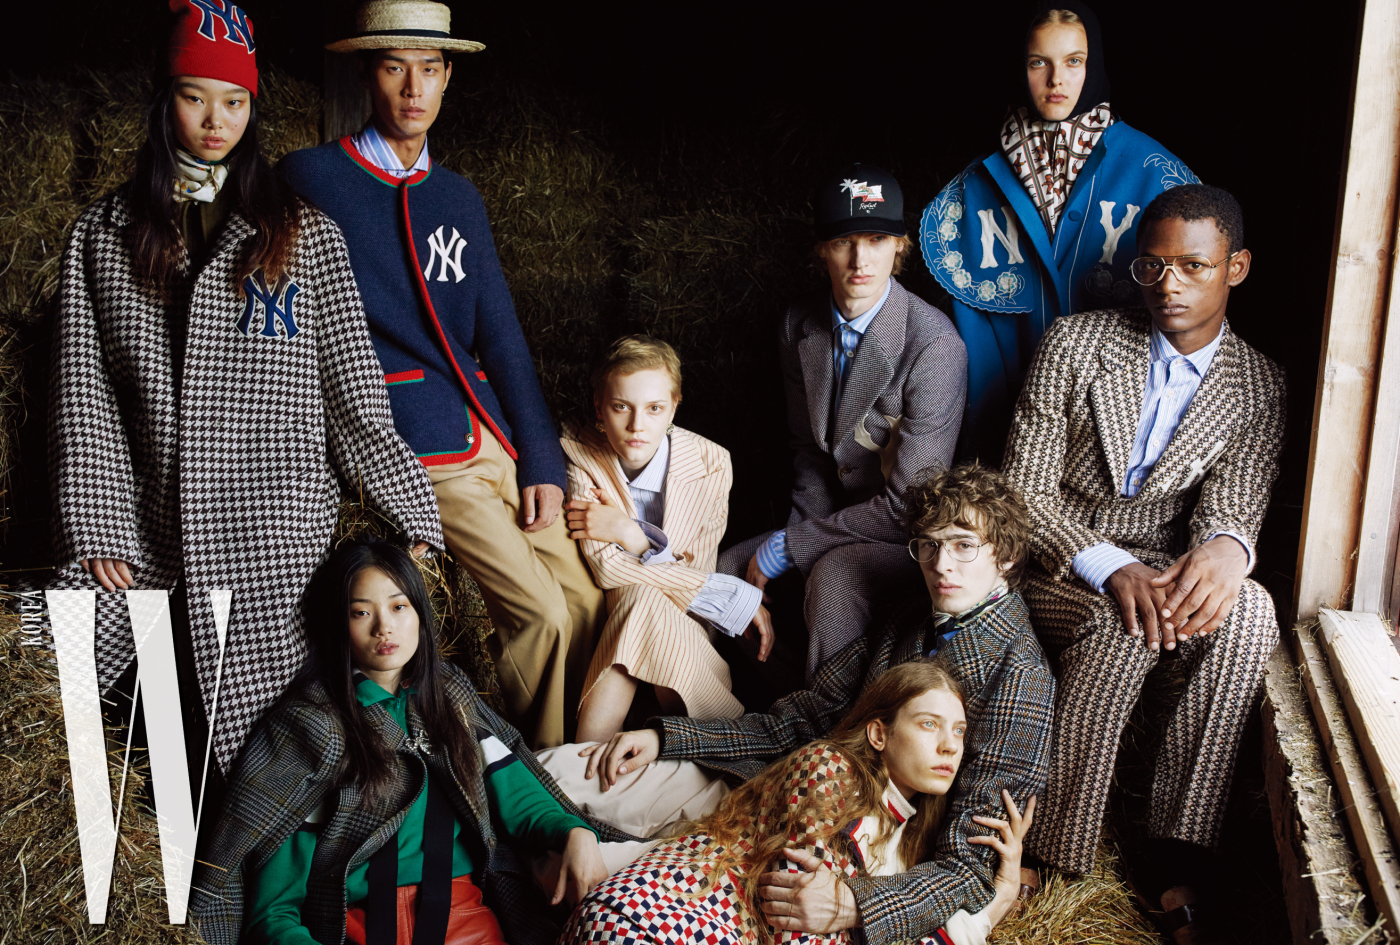 왼쪽 위부터 시계 방향으로 | 윤영이 착용한 붉은색 니트 모자, 체크 코트, 스카프, 점프슈트, 태은이 착용한 NY 자수와 웹 디테일이 돋보이는 재킷, 줄무늬 셔츠, 사파리 포멀 팬츠, 리나가 착용한 줄무늬 울 재킷과 스커트, 푸른색 셔츠, 귀고리, 혼자가 착용한 포멀 울 재킷과 팬츠, 셔츠, 사라가 착용한 후드 디테일의 스카프, NY 자수가 돋보이는 오버사이즈 코트, 루카스가 착용한 NY 자수 디테일의 재킷과 팬츠, 줄무늬 셔츠, 갈색 모카신, 딜런이 착용한 빈티지 체크 울 코트, 푸른색 셔츠, 포멀 팬츠, 케이가 착용한 격자무늬 울 재킷, 터틀넥 이너웨어, 울 스커트, 현지가 착용한 케이프 재킷, 크리스털 브로치, 터틀넥 톱, 가죽 팬츠는 모두 Gucci 제품.